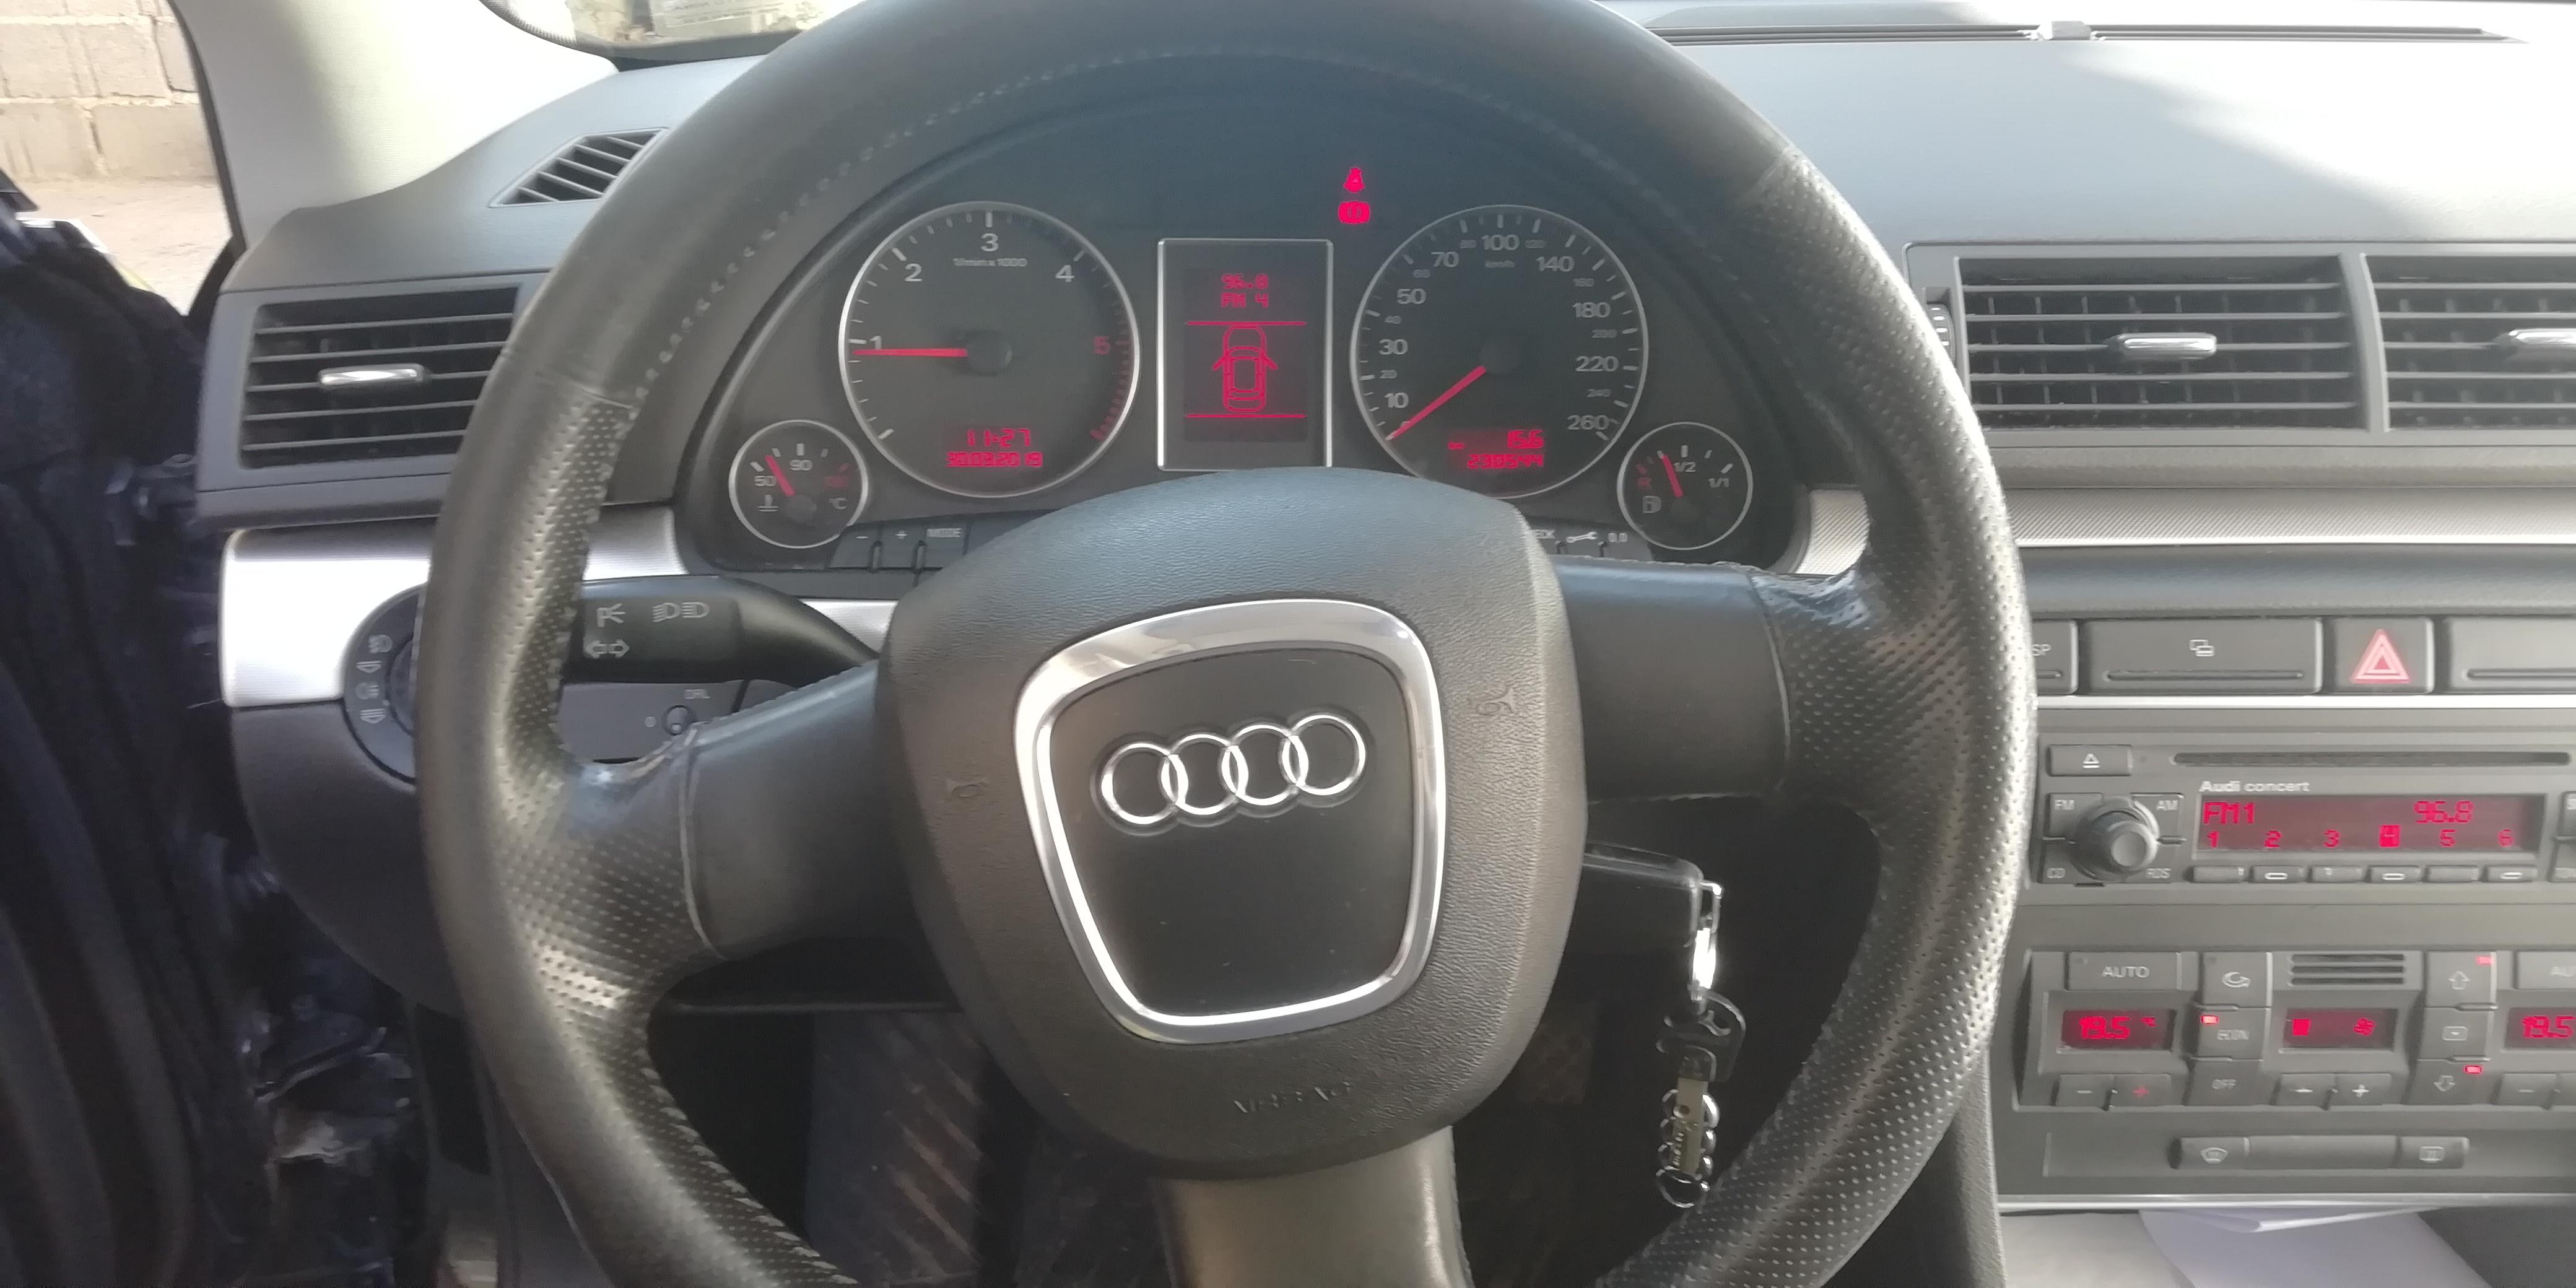 Audi A4 2.0 tdi sport, nije uvoz, 230 tkm